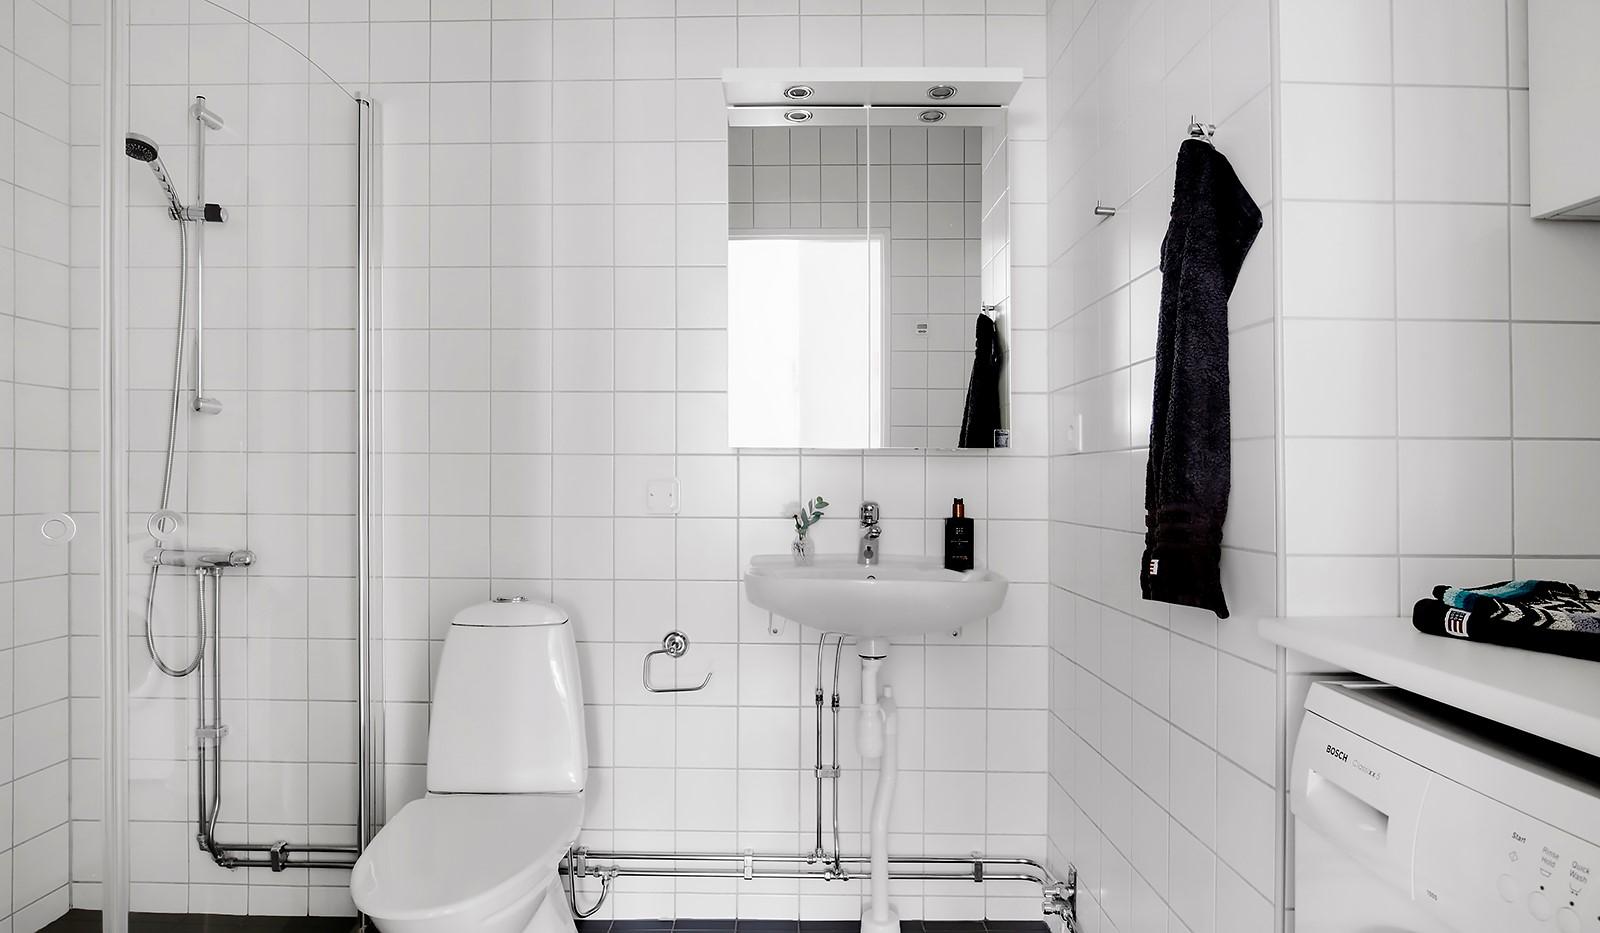 Hildebergsvägen 4, 3 tr - Helkaklat badrum med golvvärme